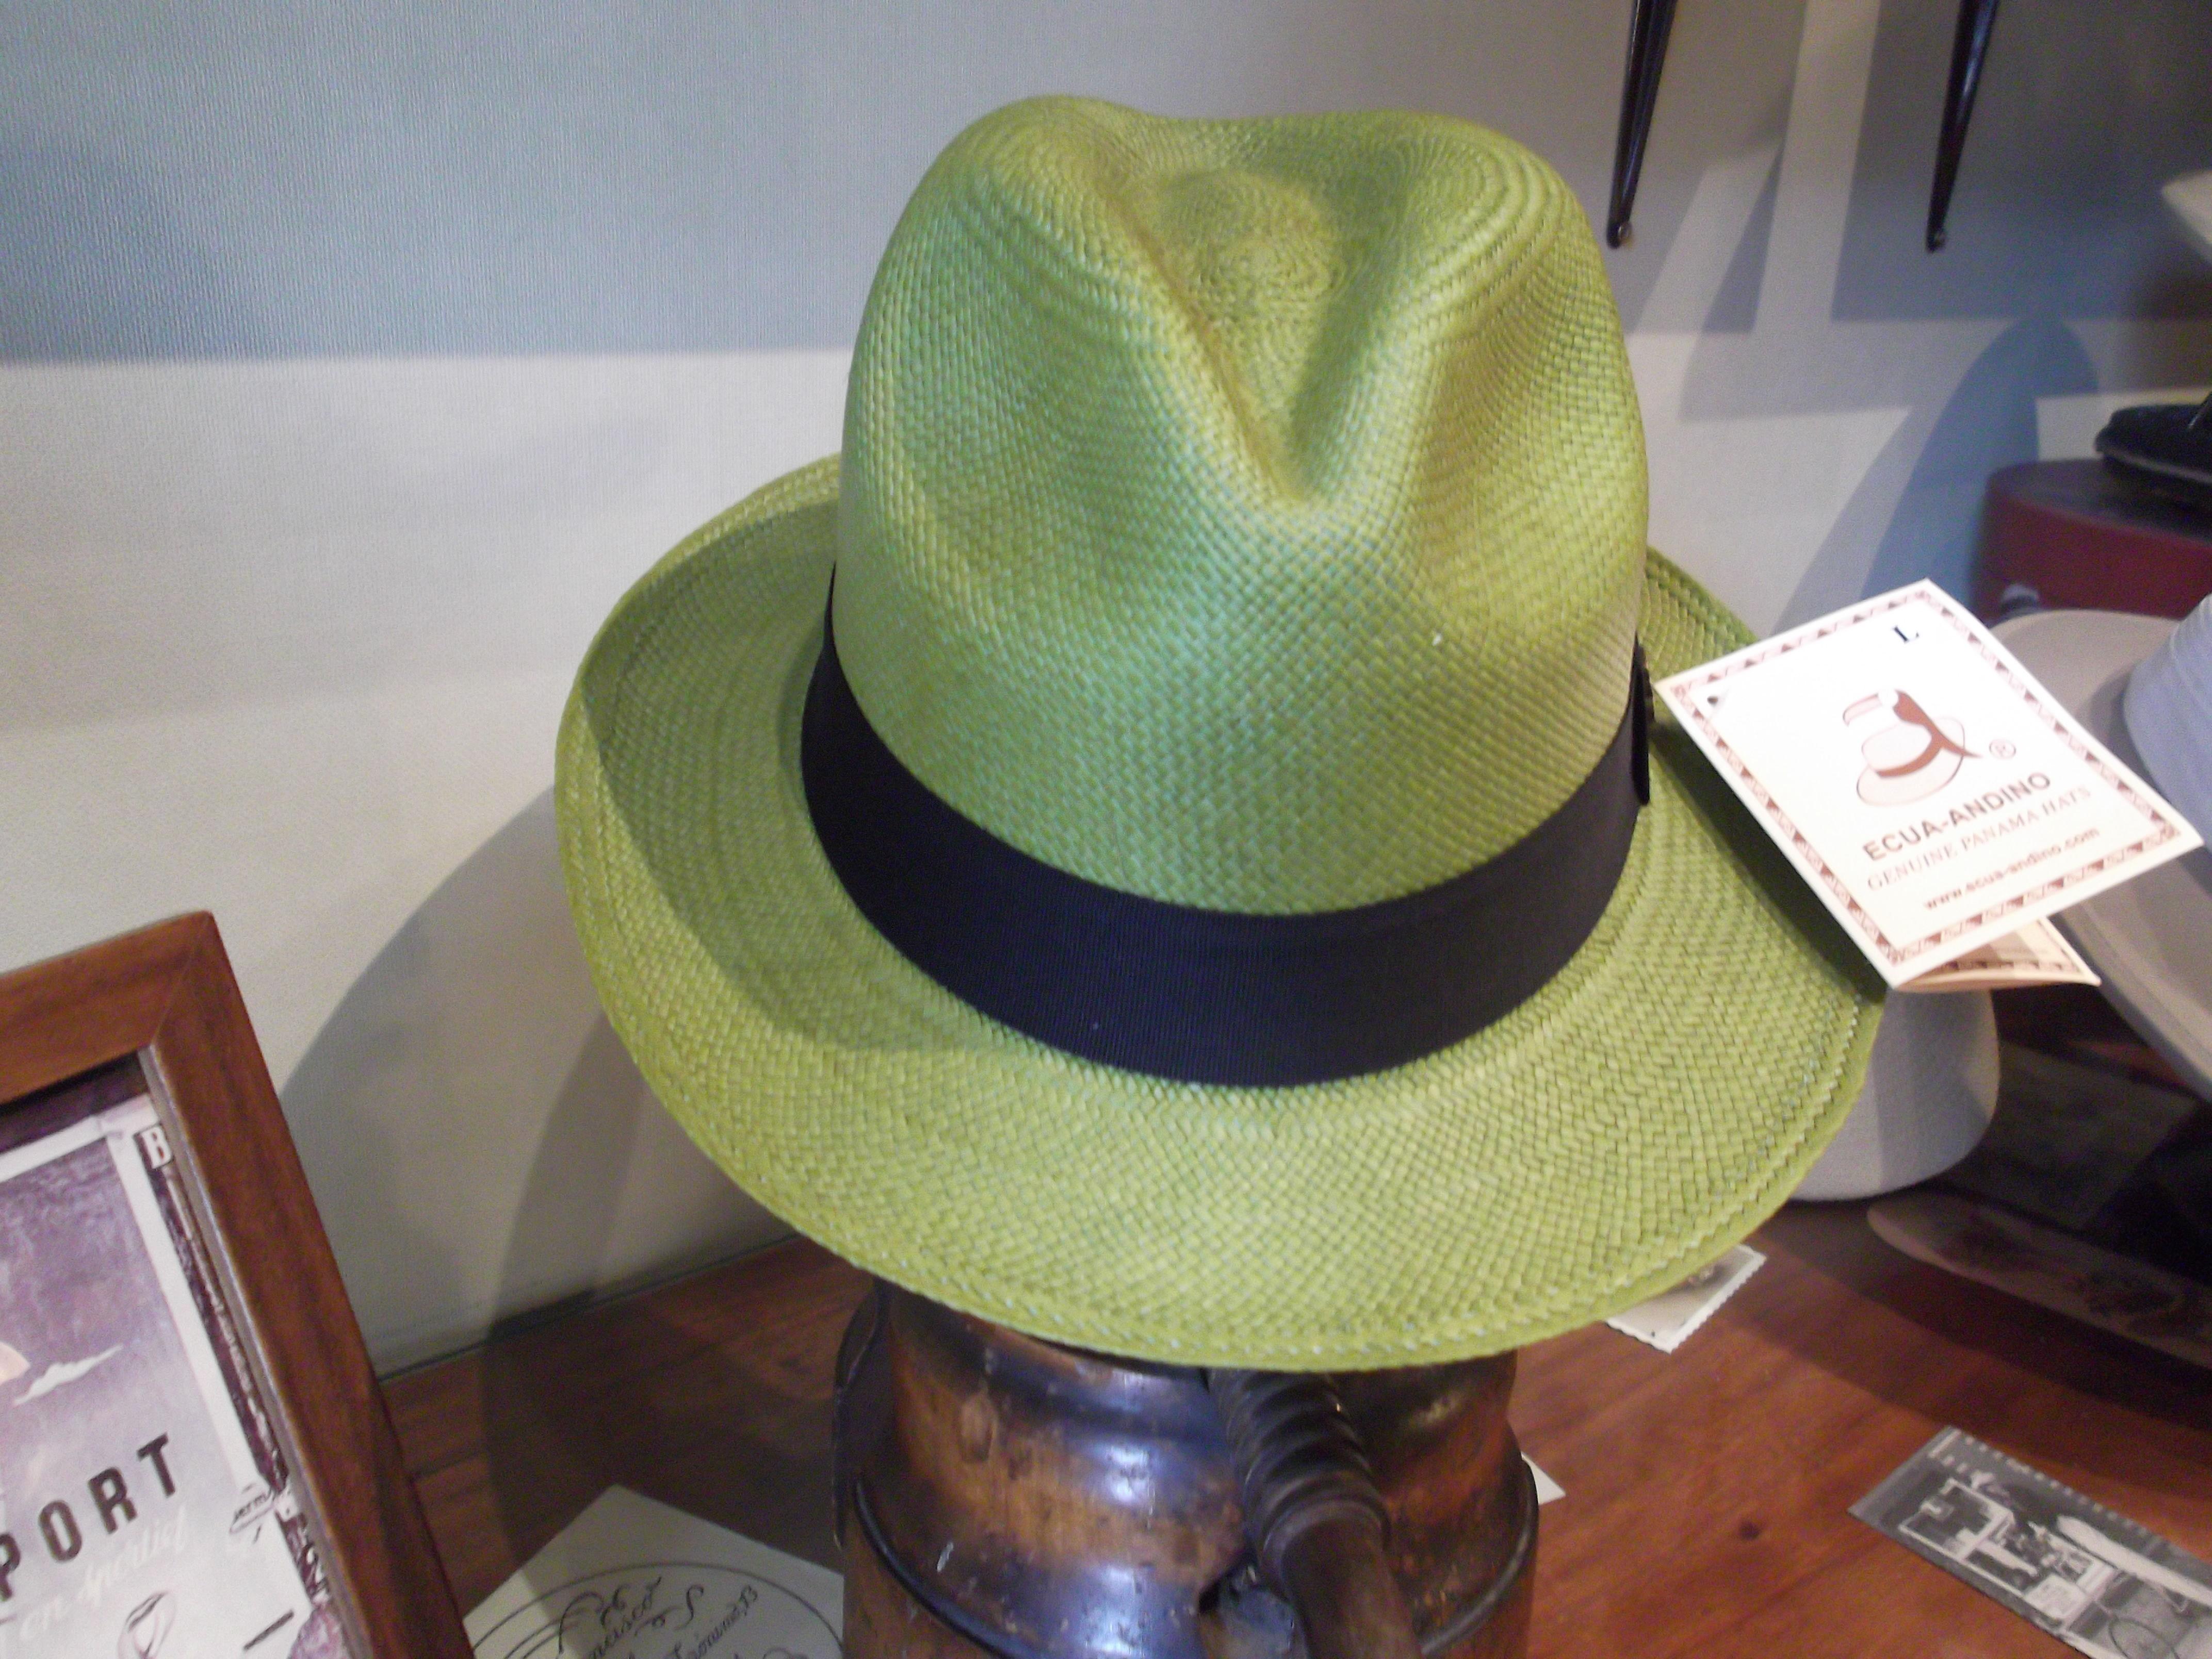 Sombrero panamá clasico. Color verde